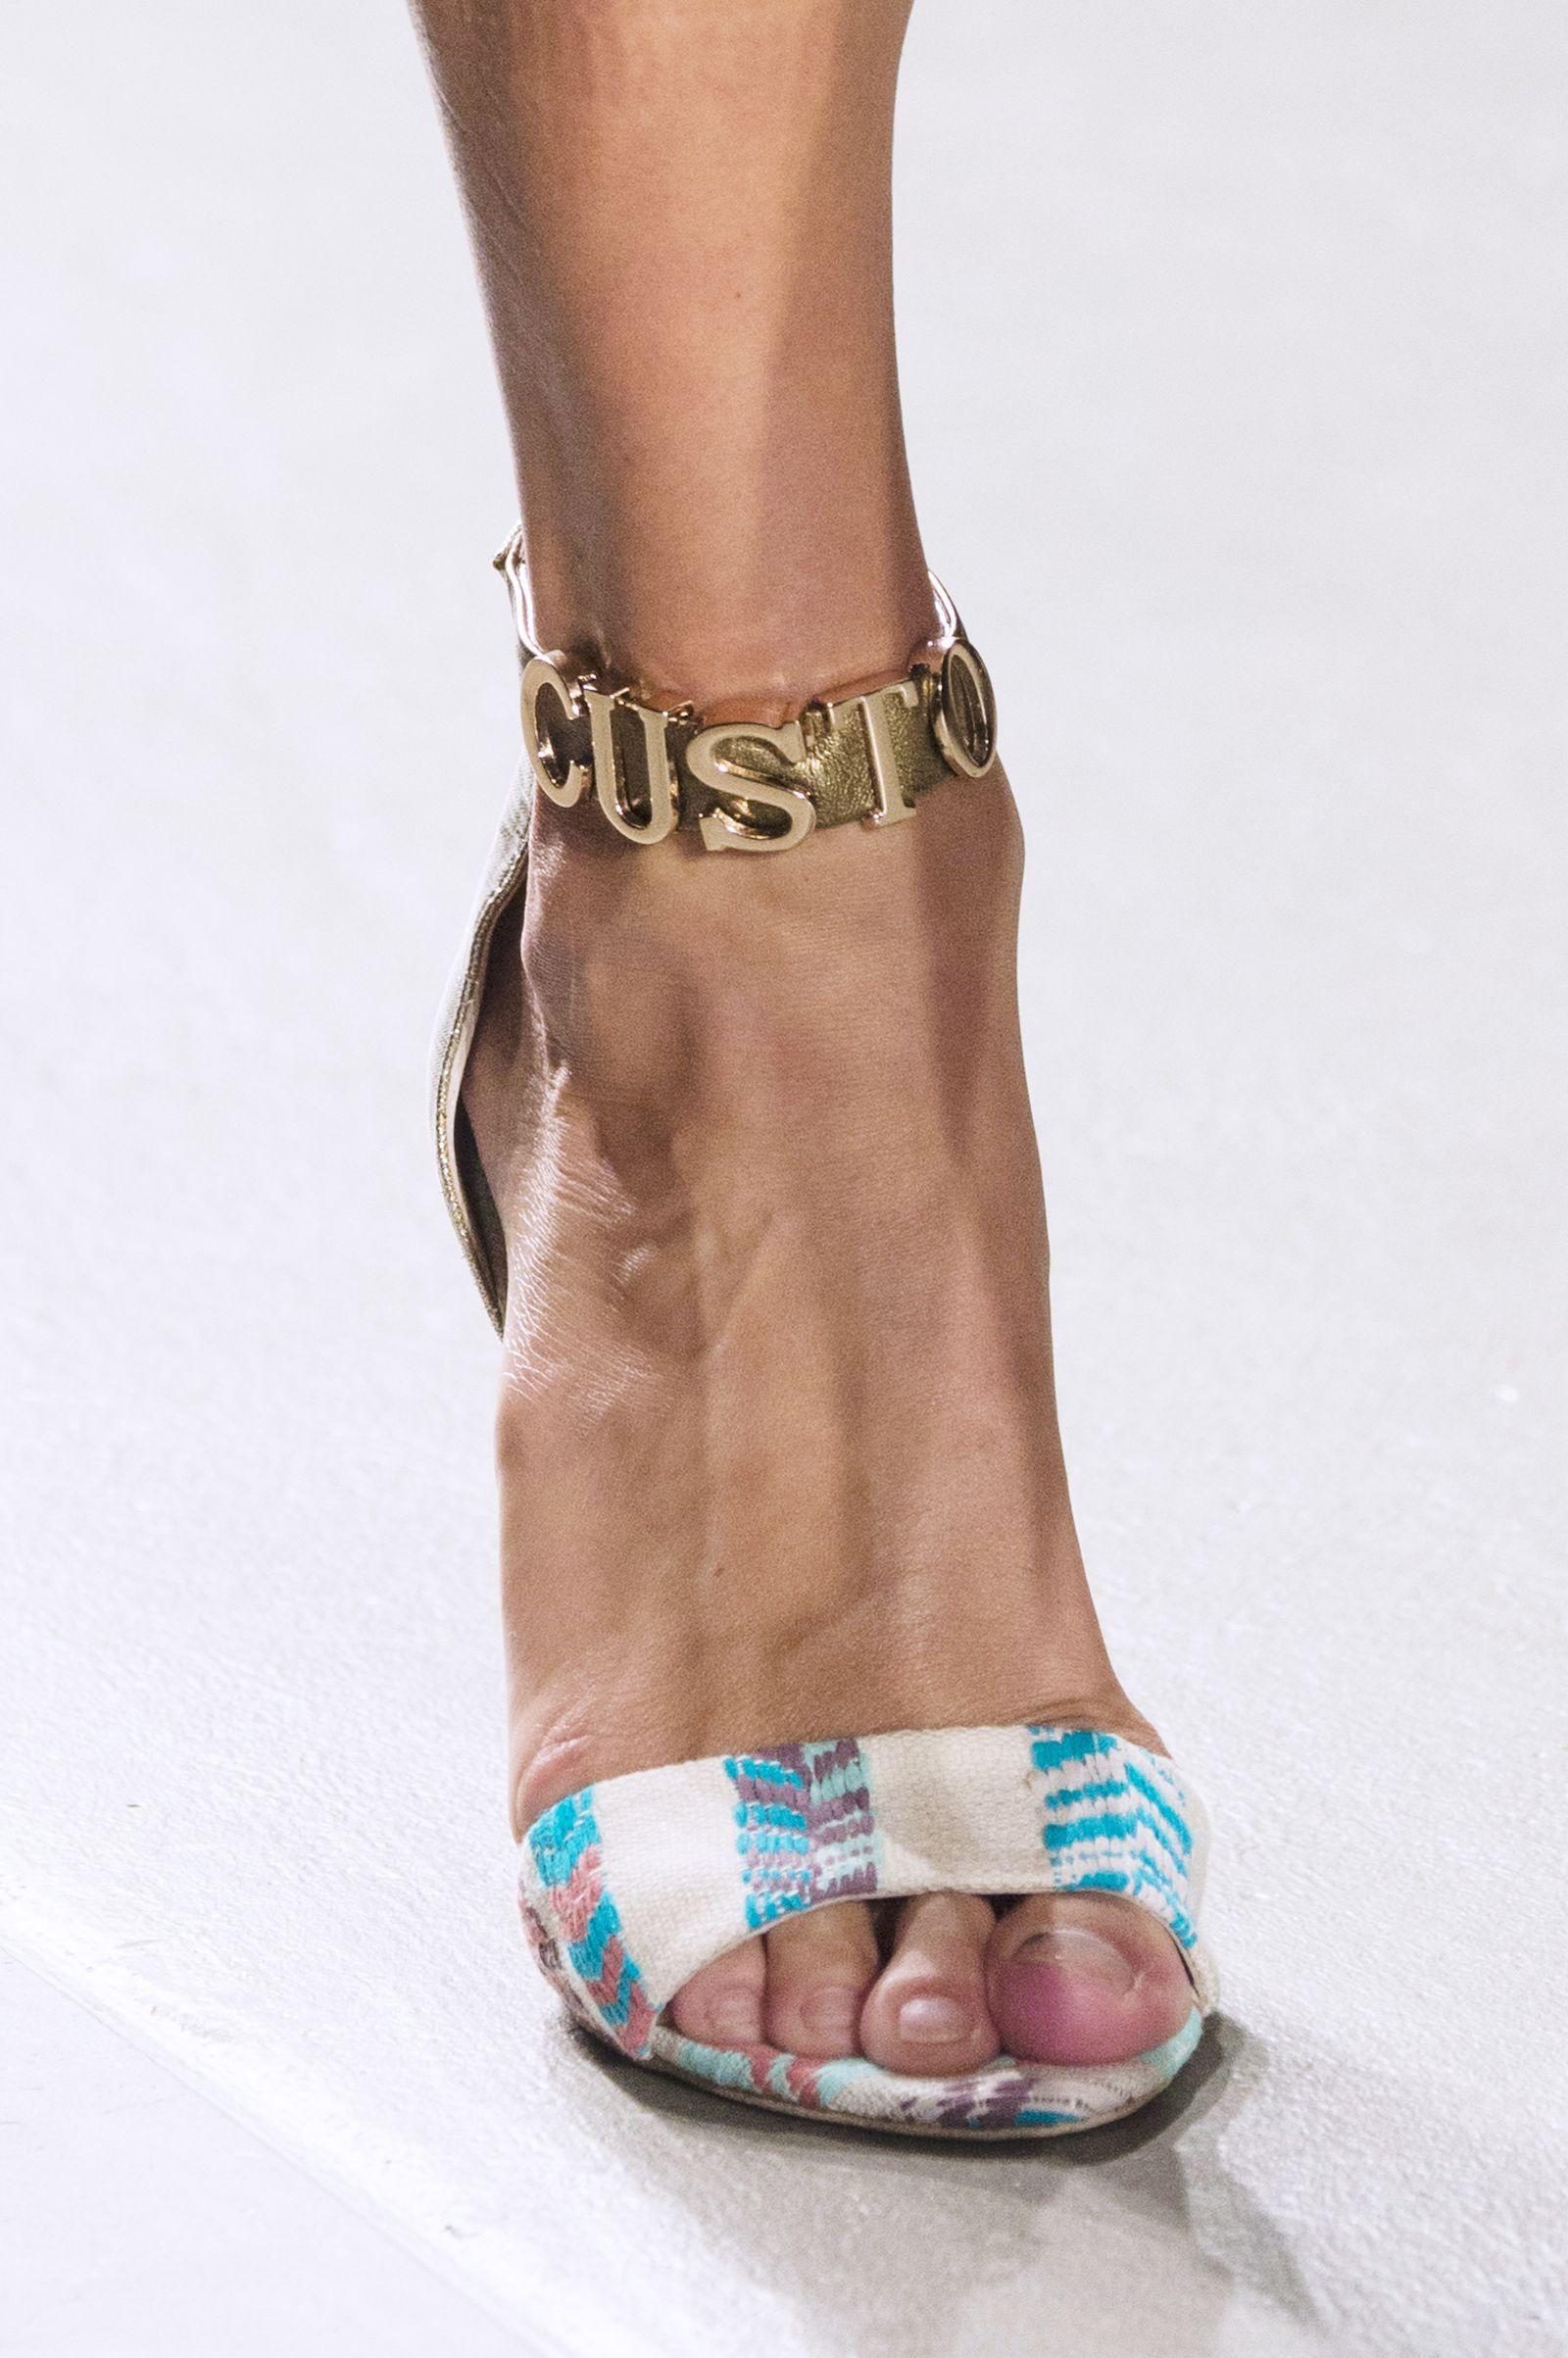 I sandali con tacco dellestate 2019 sono sexy e minimali: indossali per gambe più lunghe e magre I sandali con tacco dellestate 2019 sono sexy e minimali: indossali per gambe più lunghe e magre new pics